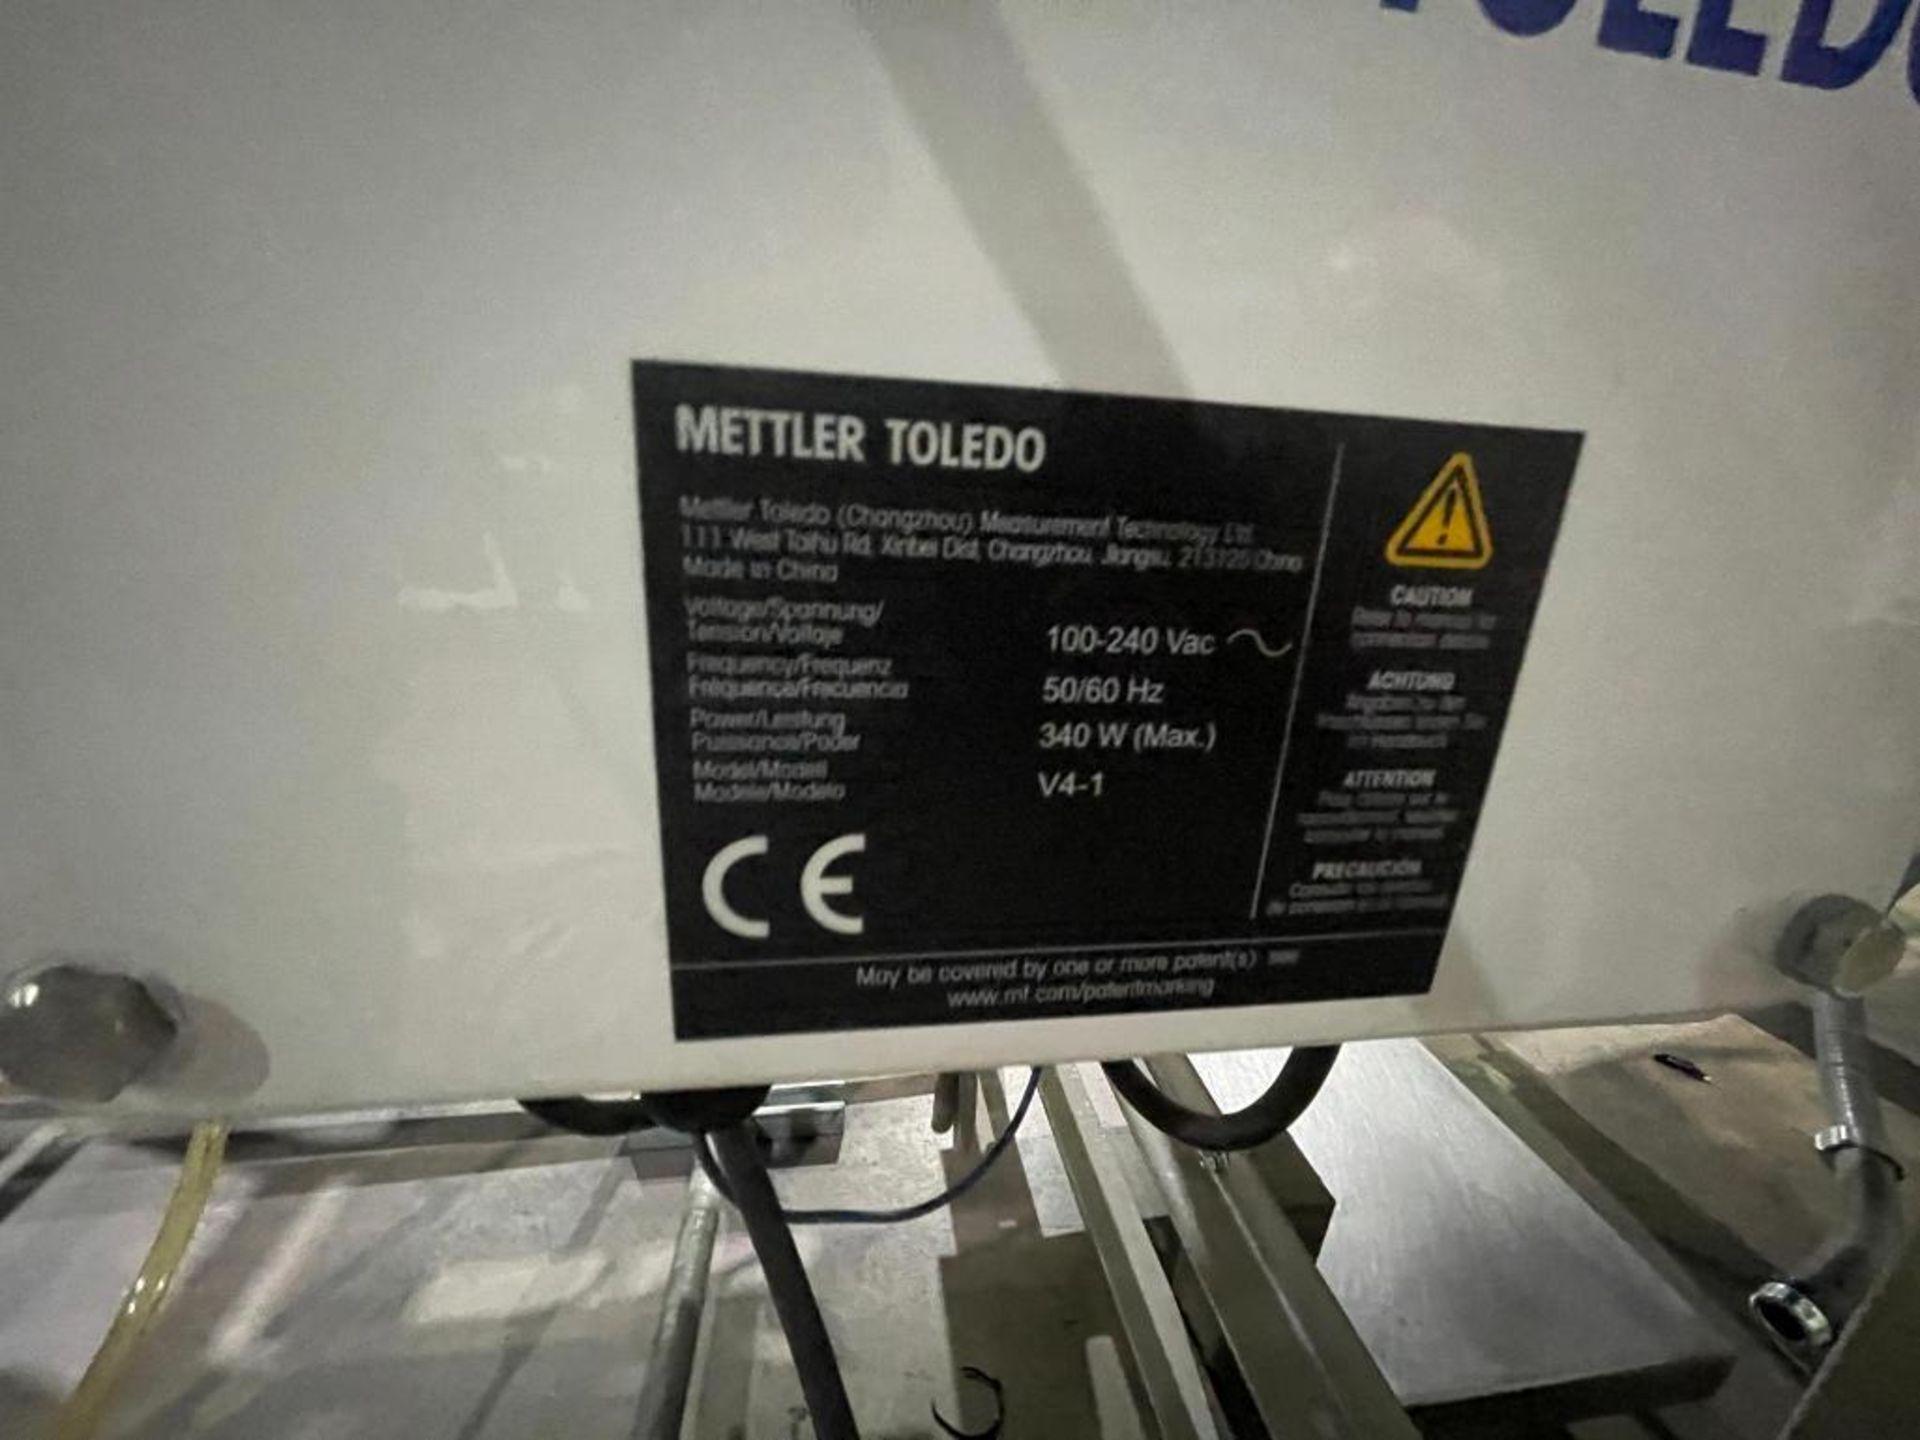 2016 Mettler Toledo metal detector, model SL1500 - Image 11 of 16